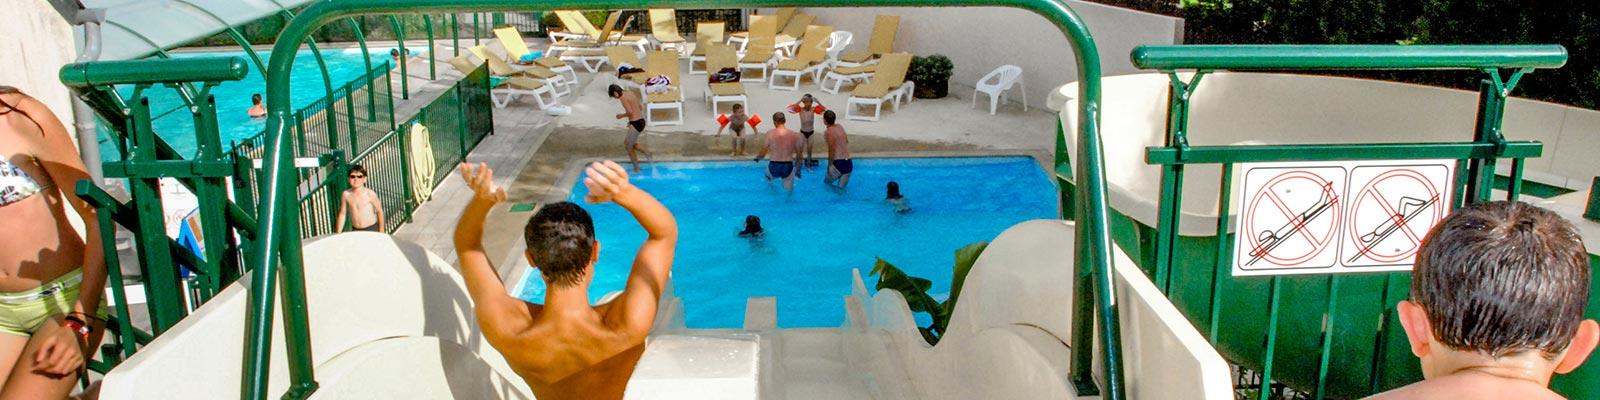 piscine toboggan camping parc aquatique brest